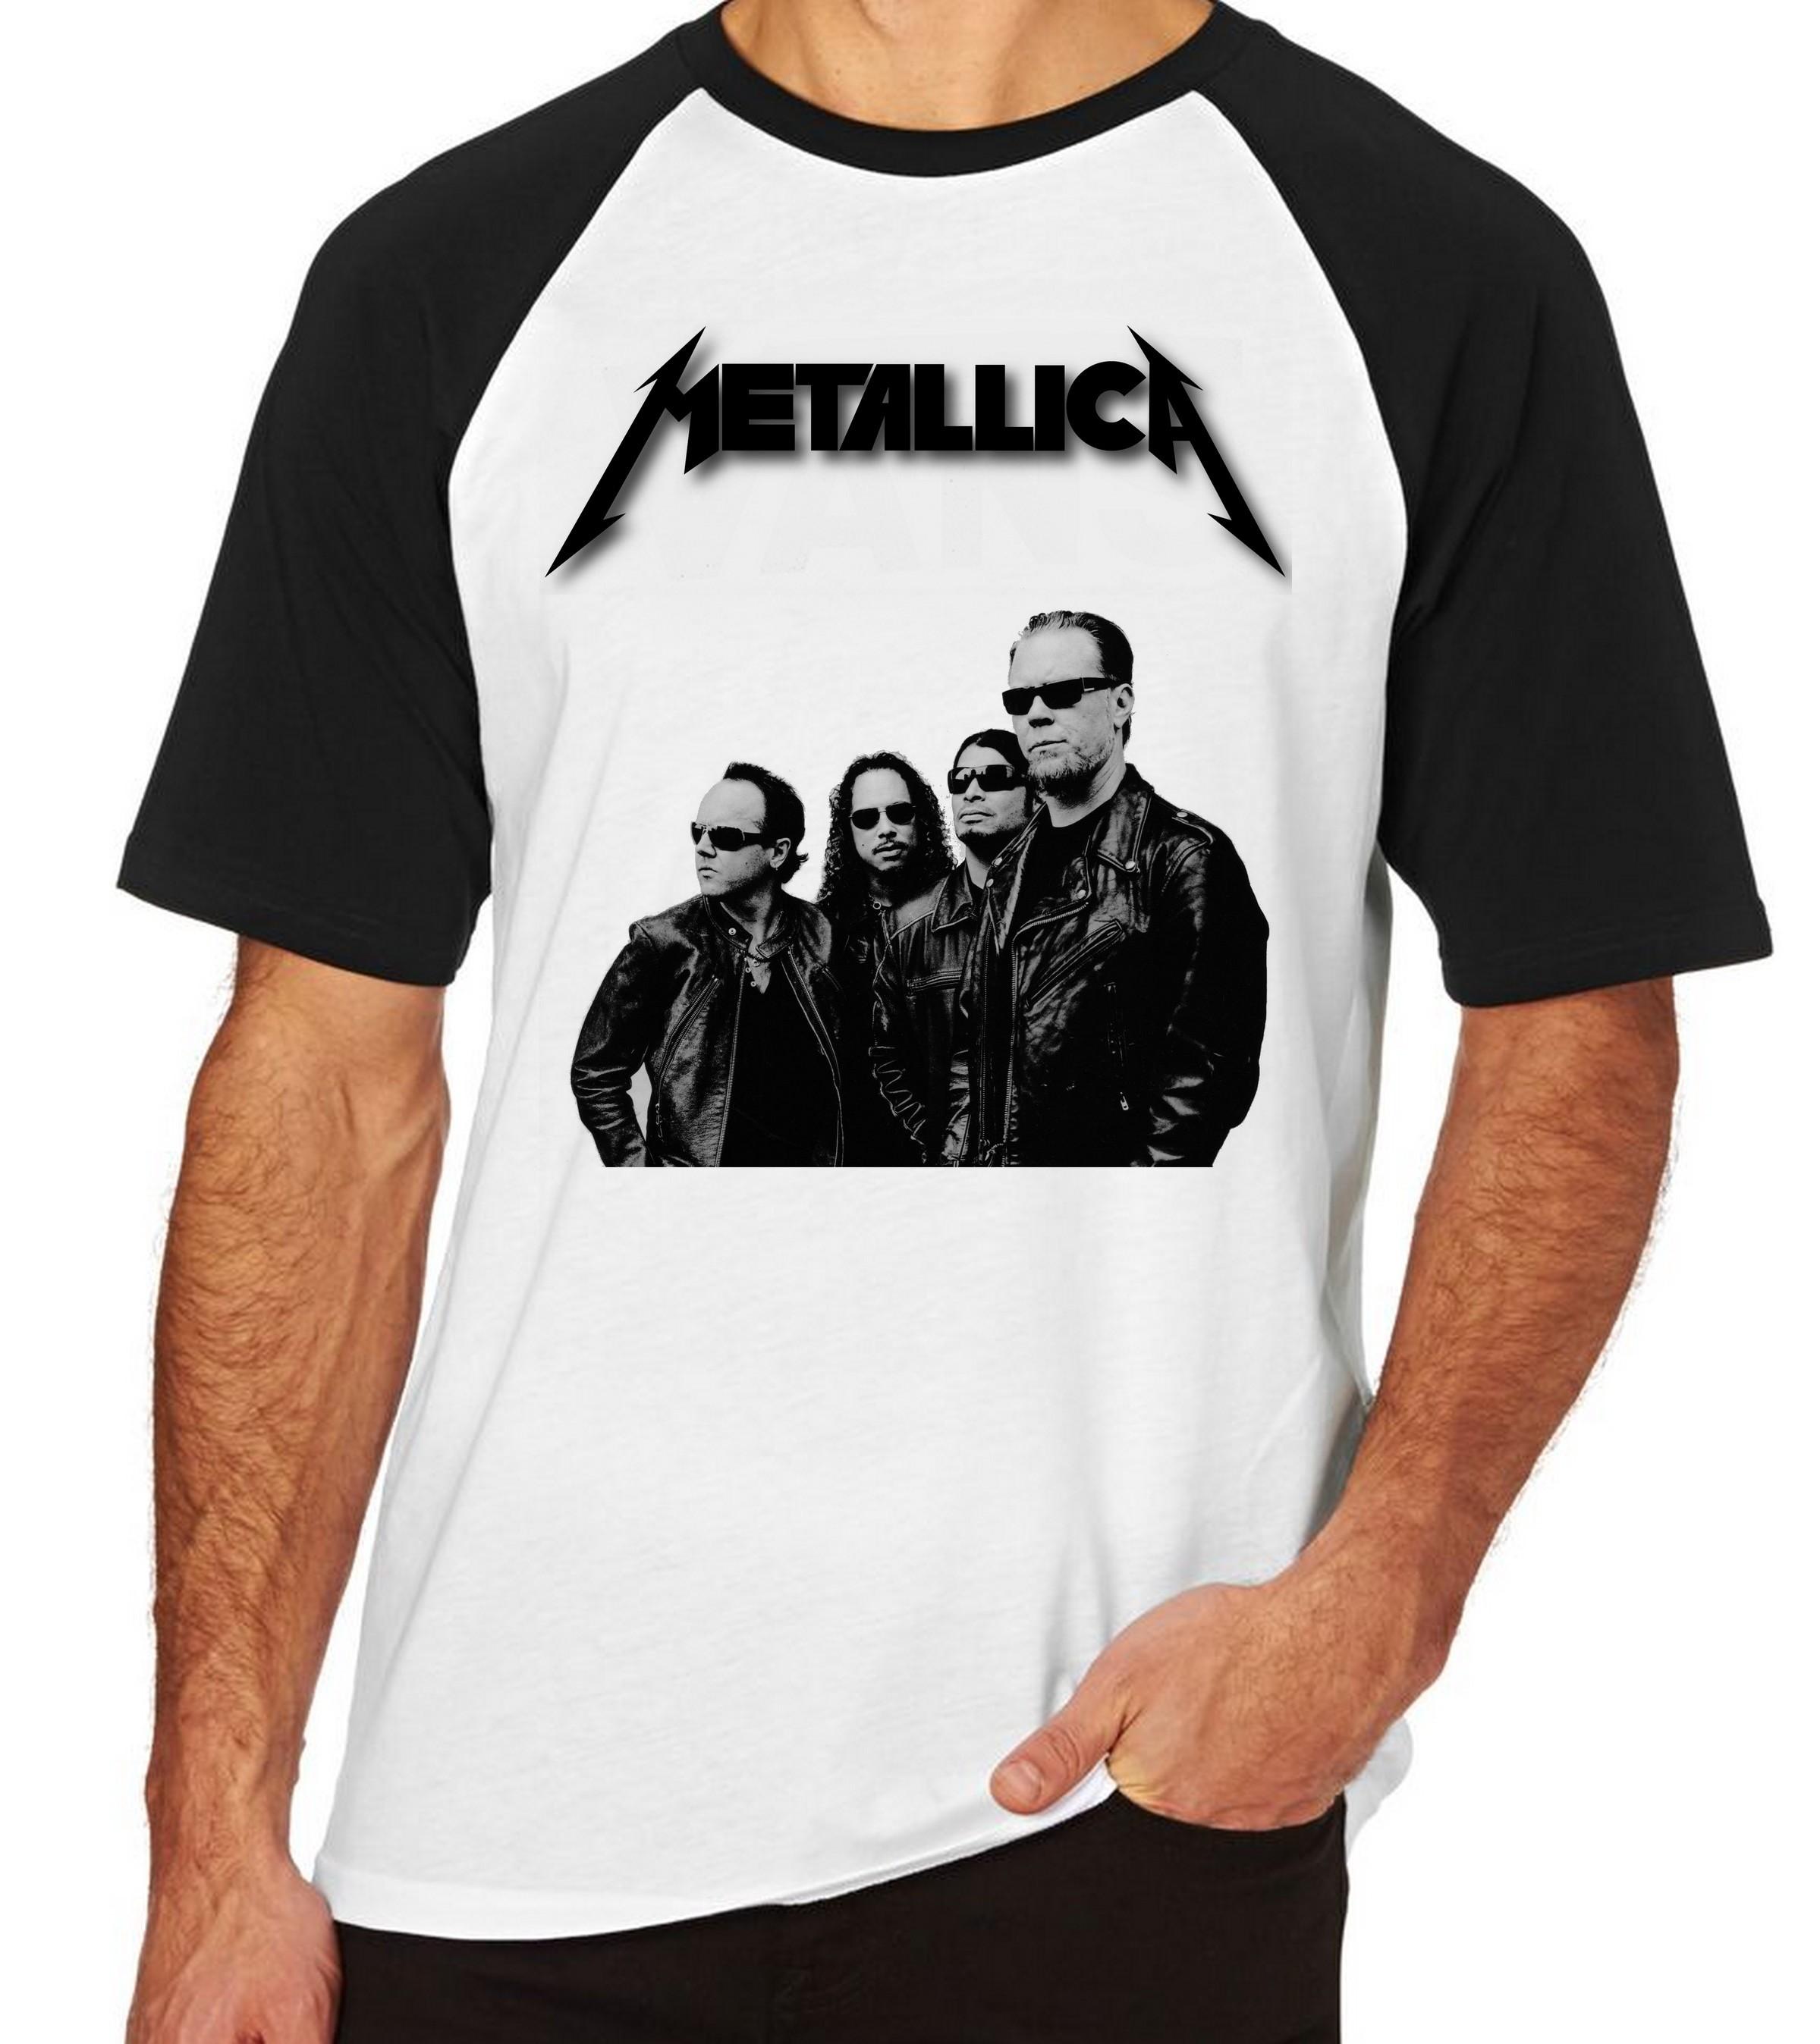 4a440f14d1c Camiseta Camisa Banda Rock Metallica Branca Super Promocao